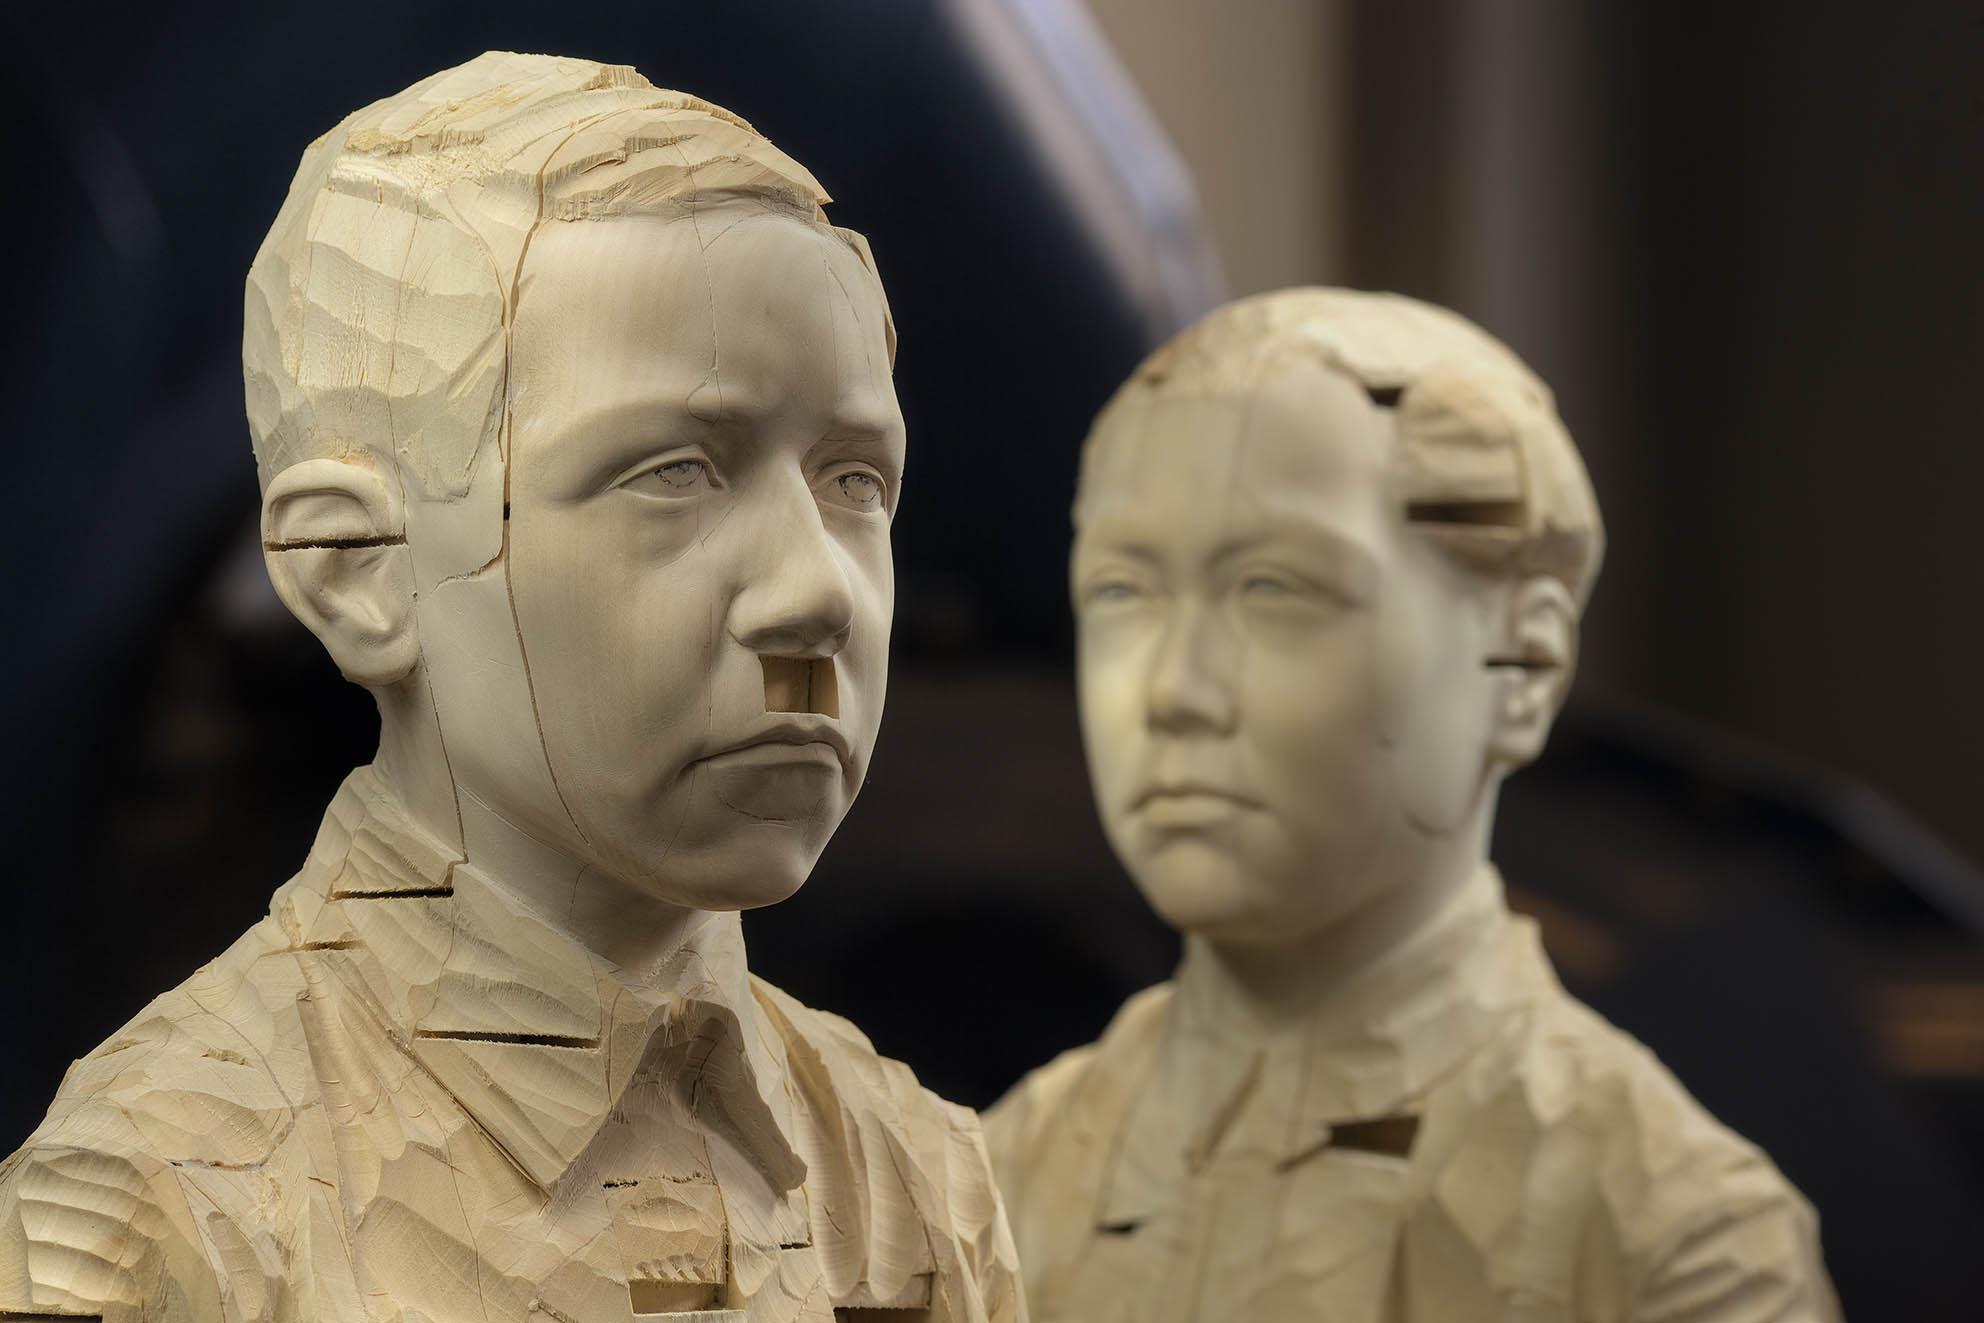 Hitler Mao, 2008, legno, (2x) 163 x 37 x 31 cm